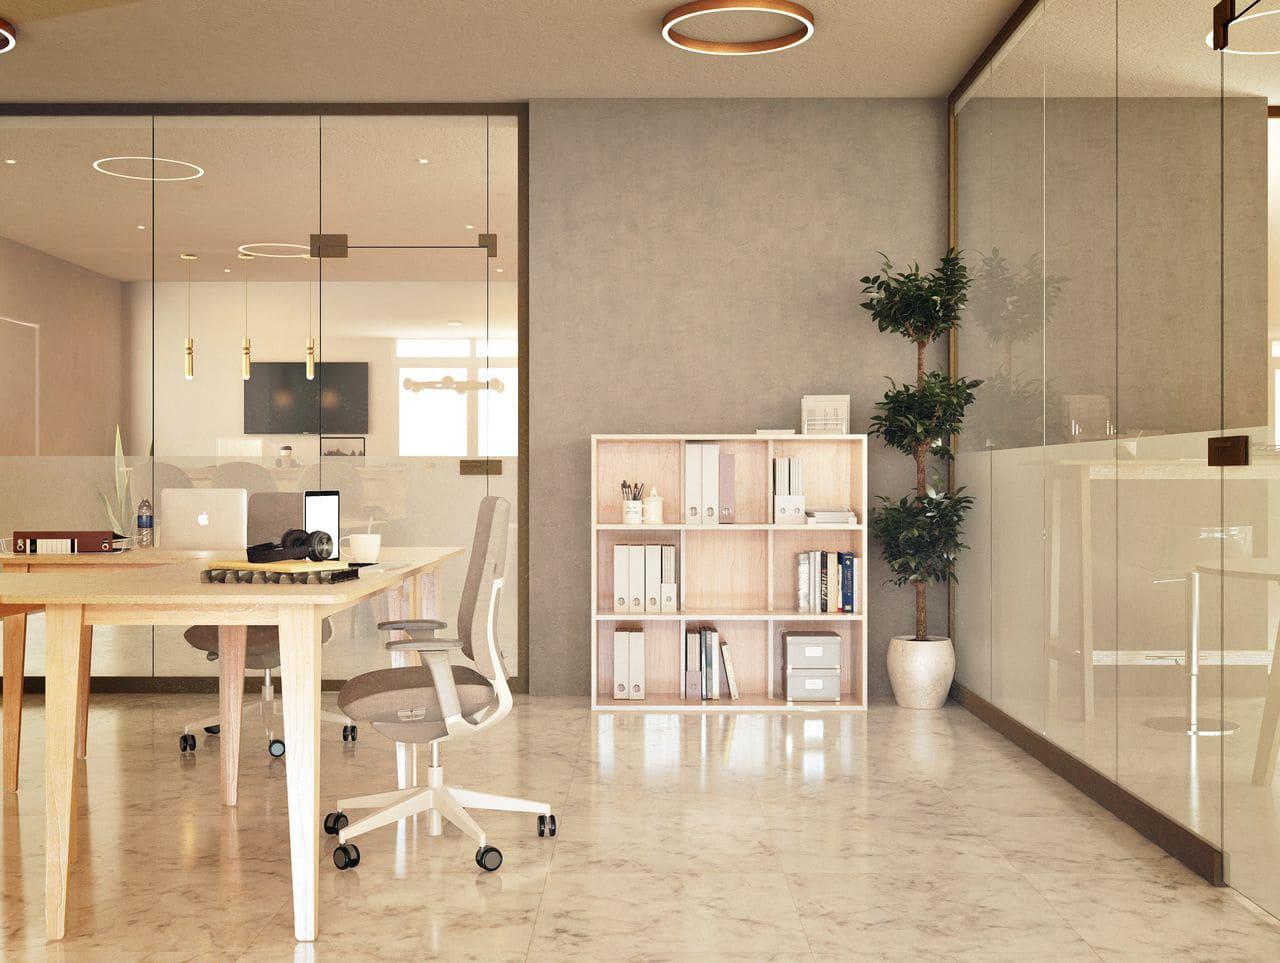 Bibliothèque pour bureau avec des documents administratifs et des livres rangés à l'intérieur, disposée dans une salle de réunion vitrée, à l'ambiance et au style contemporain décorée avec des luminaires modernes et une plante verte